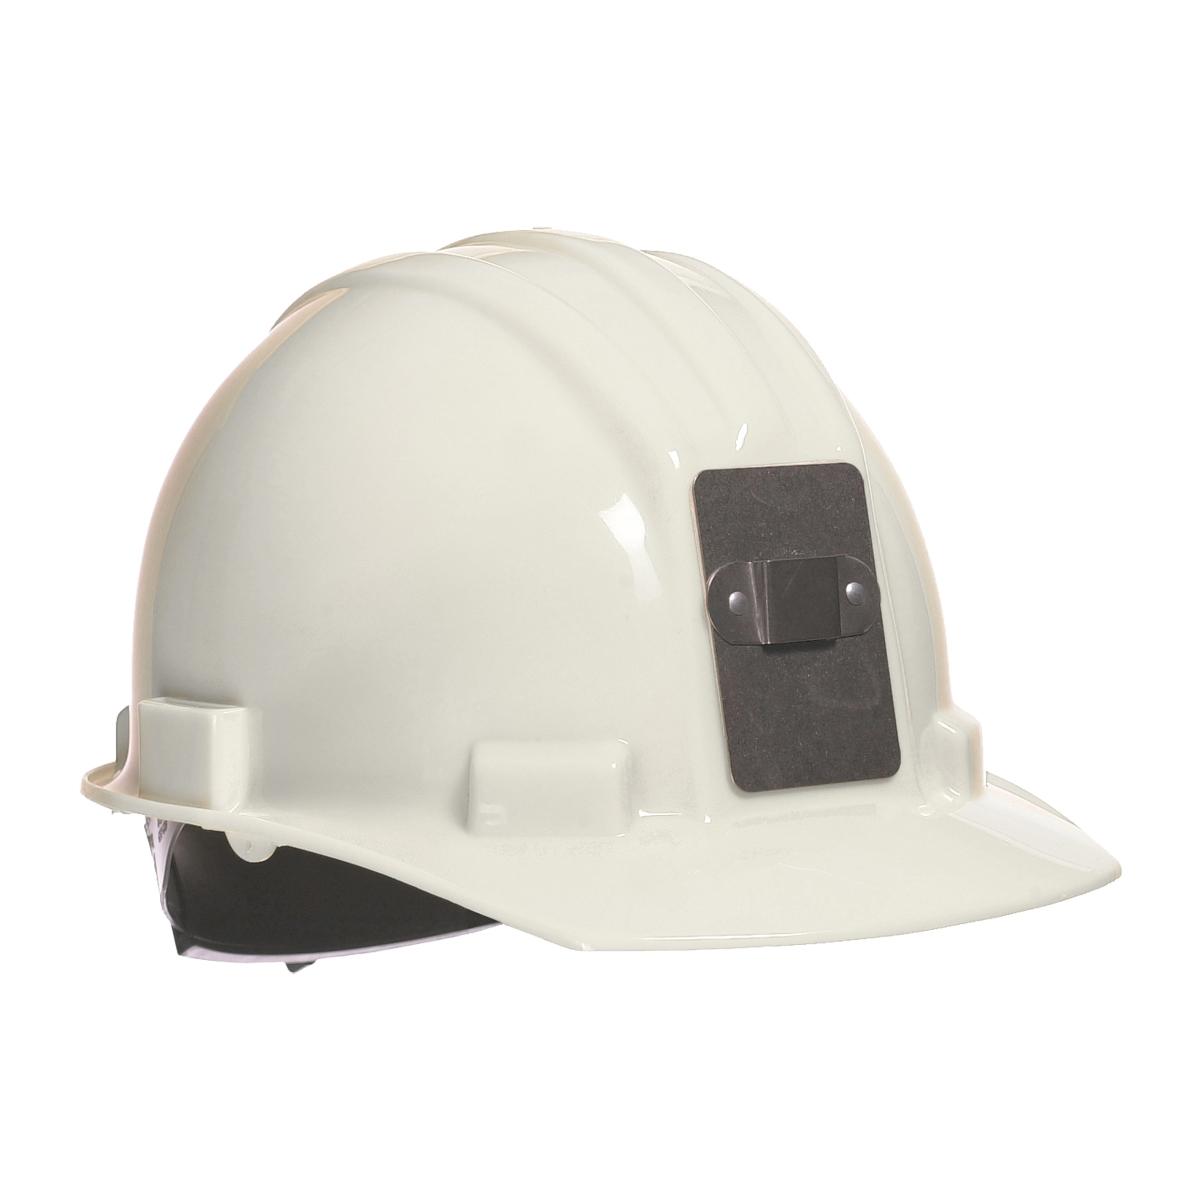 bullard s51whrm mining hard hat ratchet suspension white. Black Bedroom Furniture Sets. Home Design Ideas